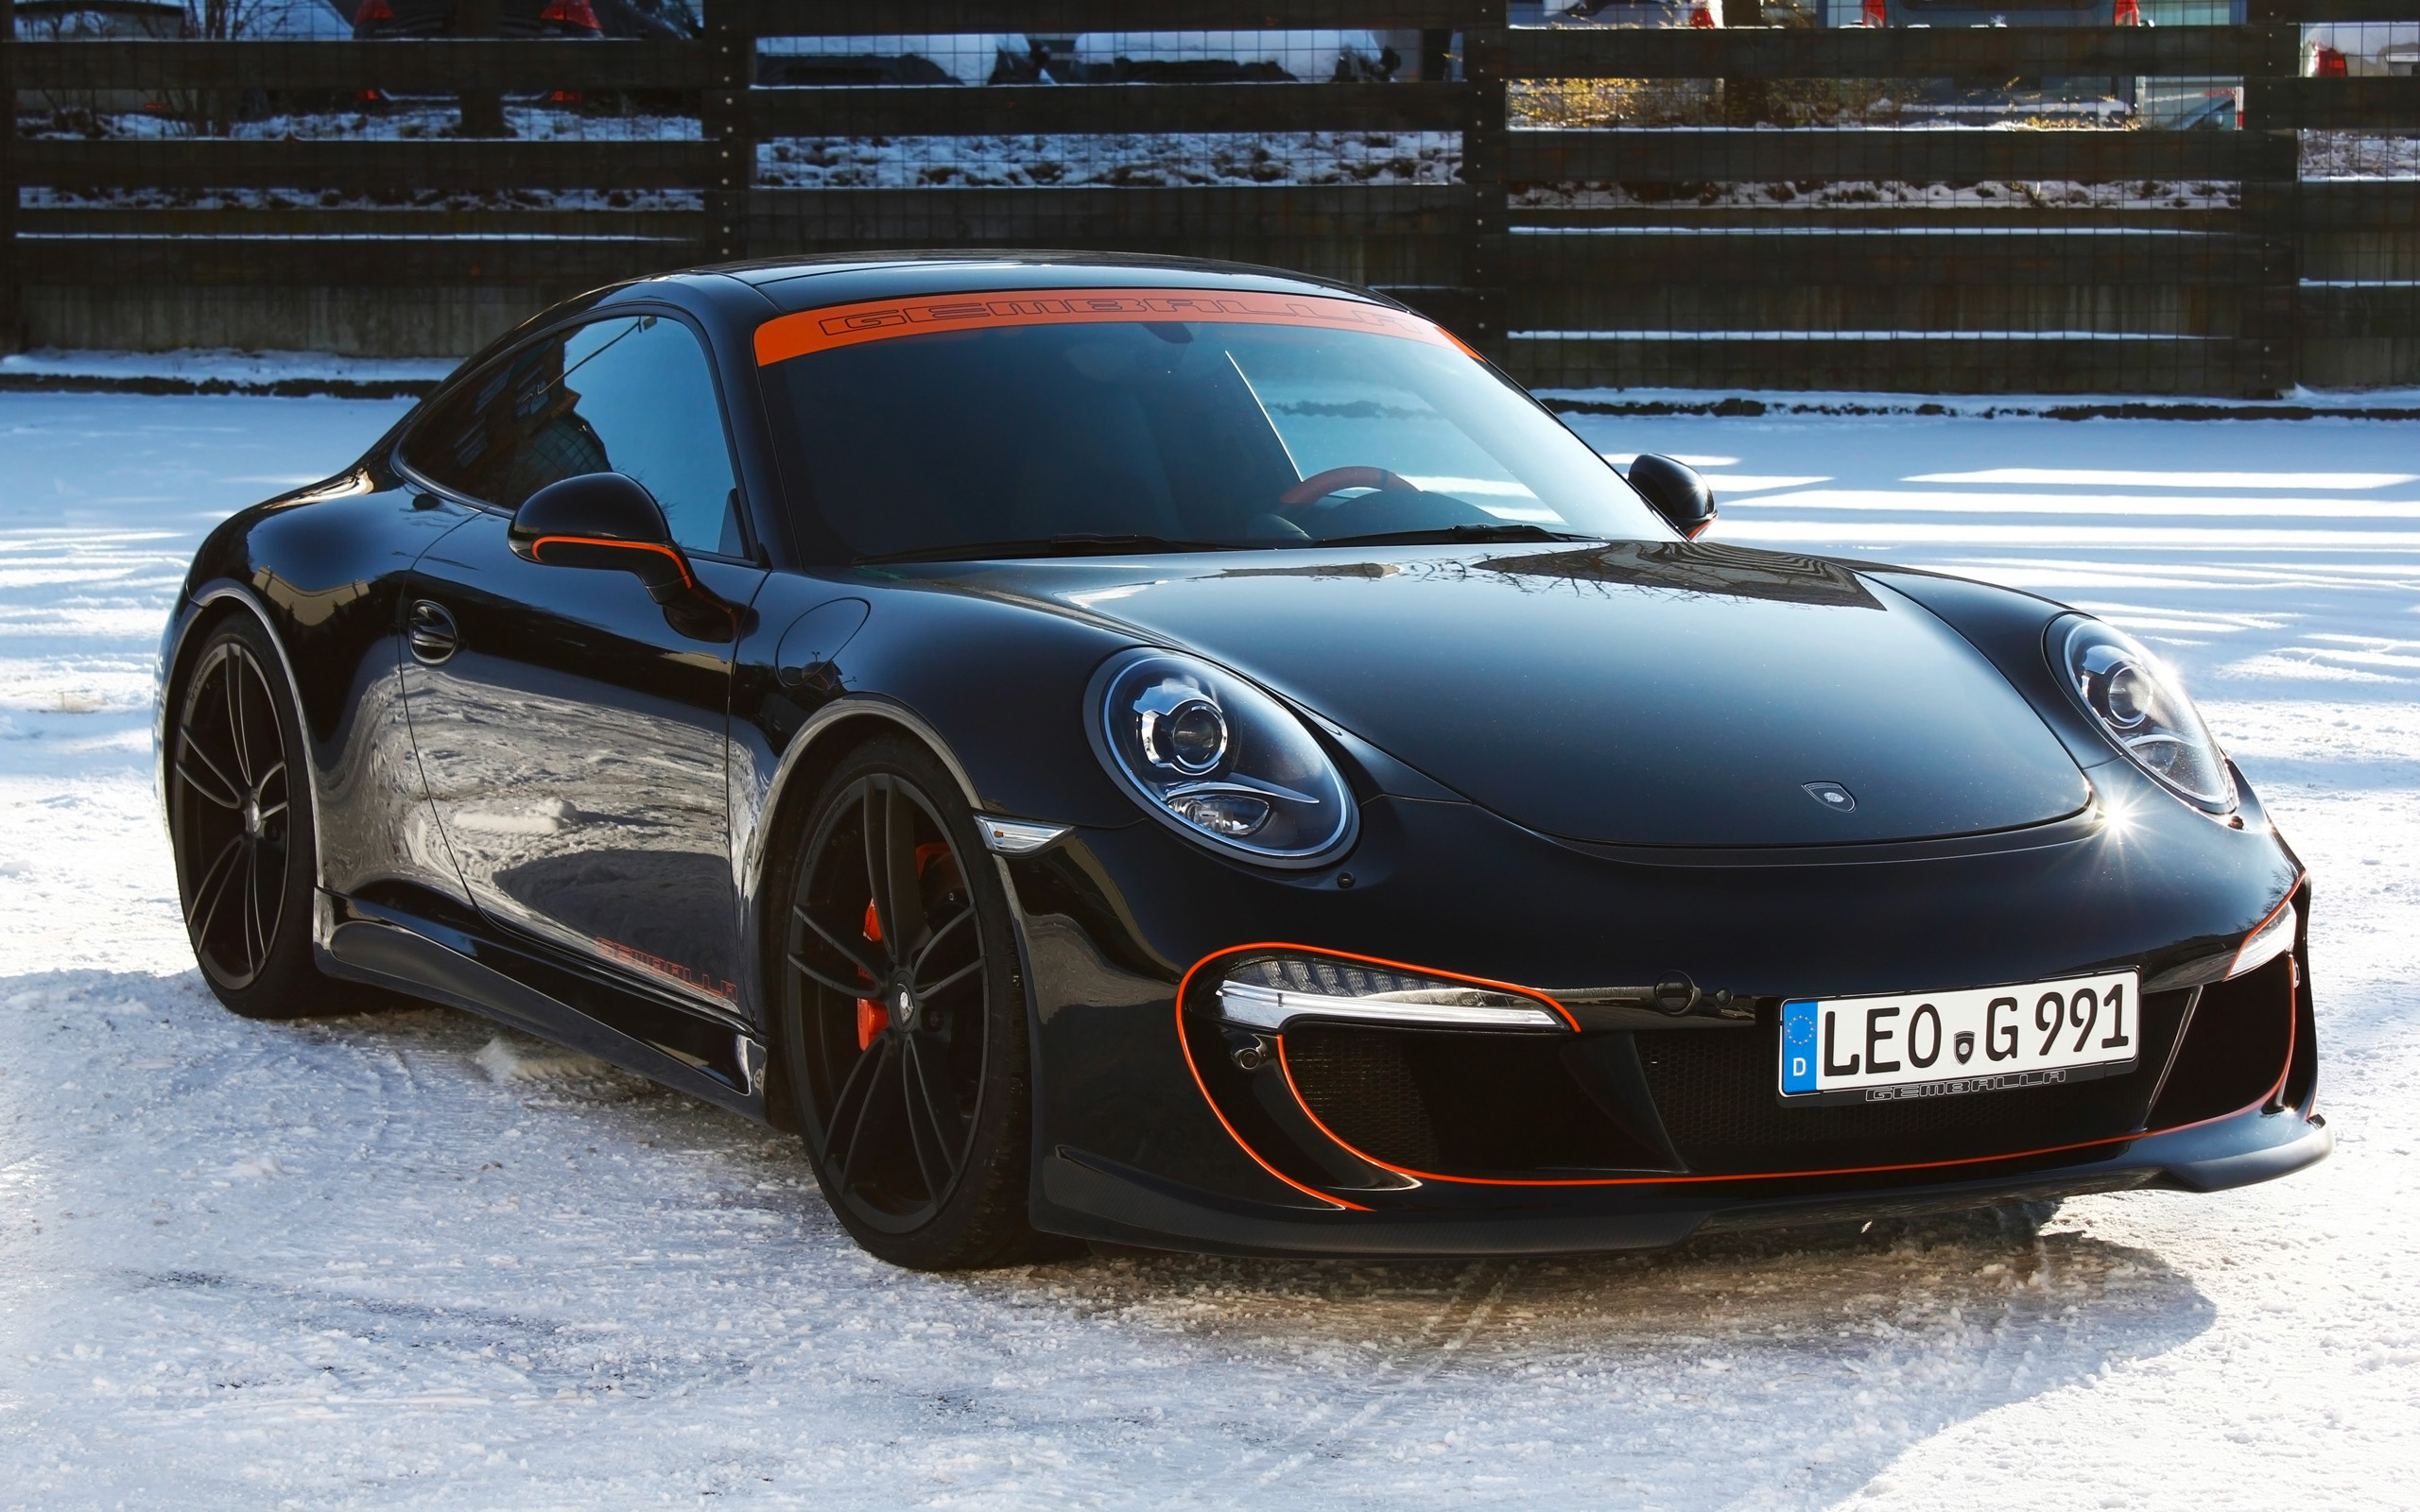 2016 Gemballa Porsche 911 Gforged One Black Wallpaper Hd Car